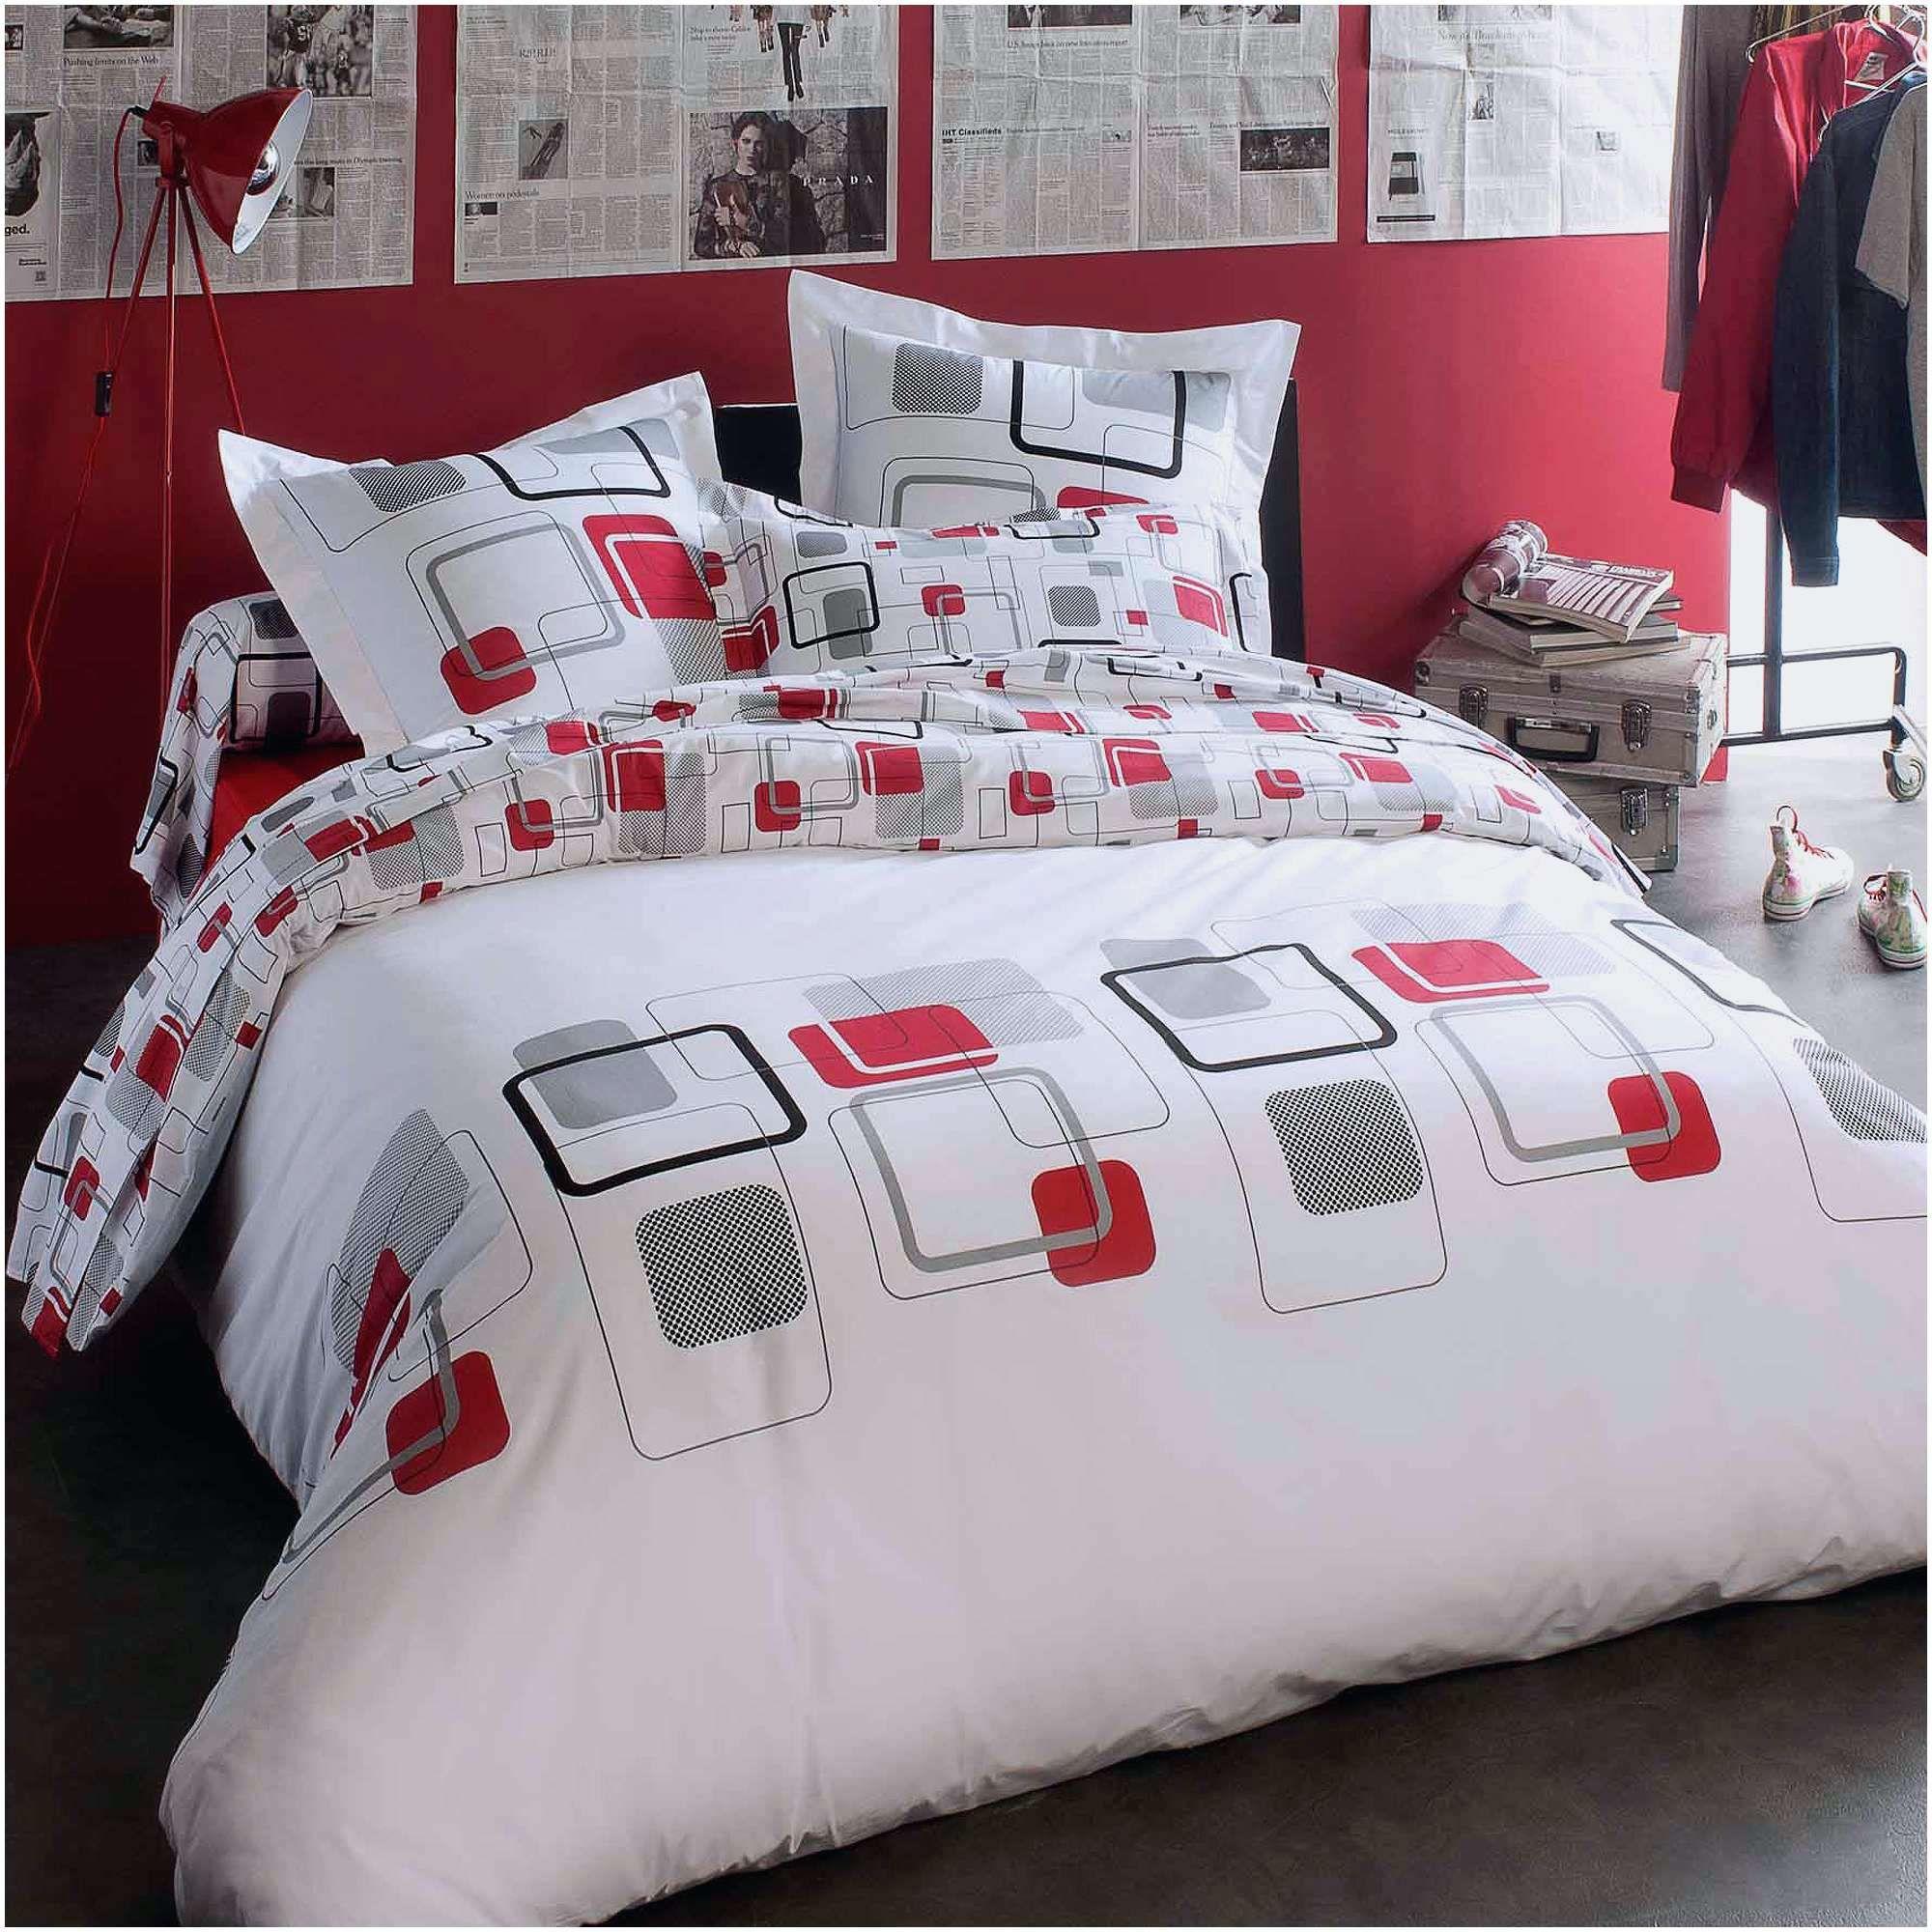 Housse De Couette Ikea 260x240 Housse De Couette Ikea 260x240 Angslilja Housse De Couette Et Taie 150x200 65x65 Cm Ikea Housse De Couette Bed Home Home Decor